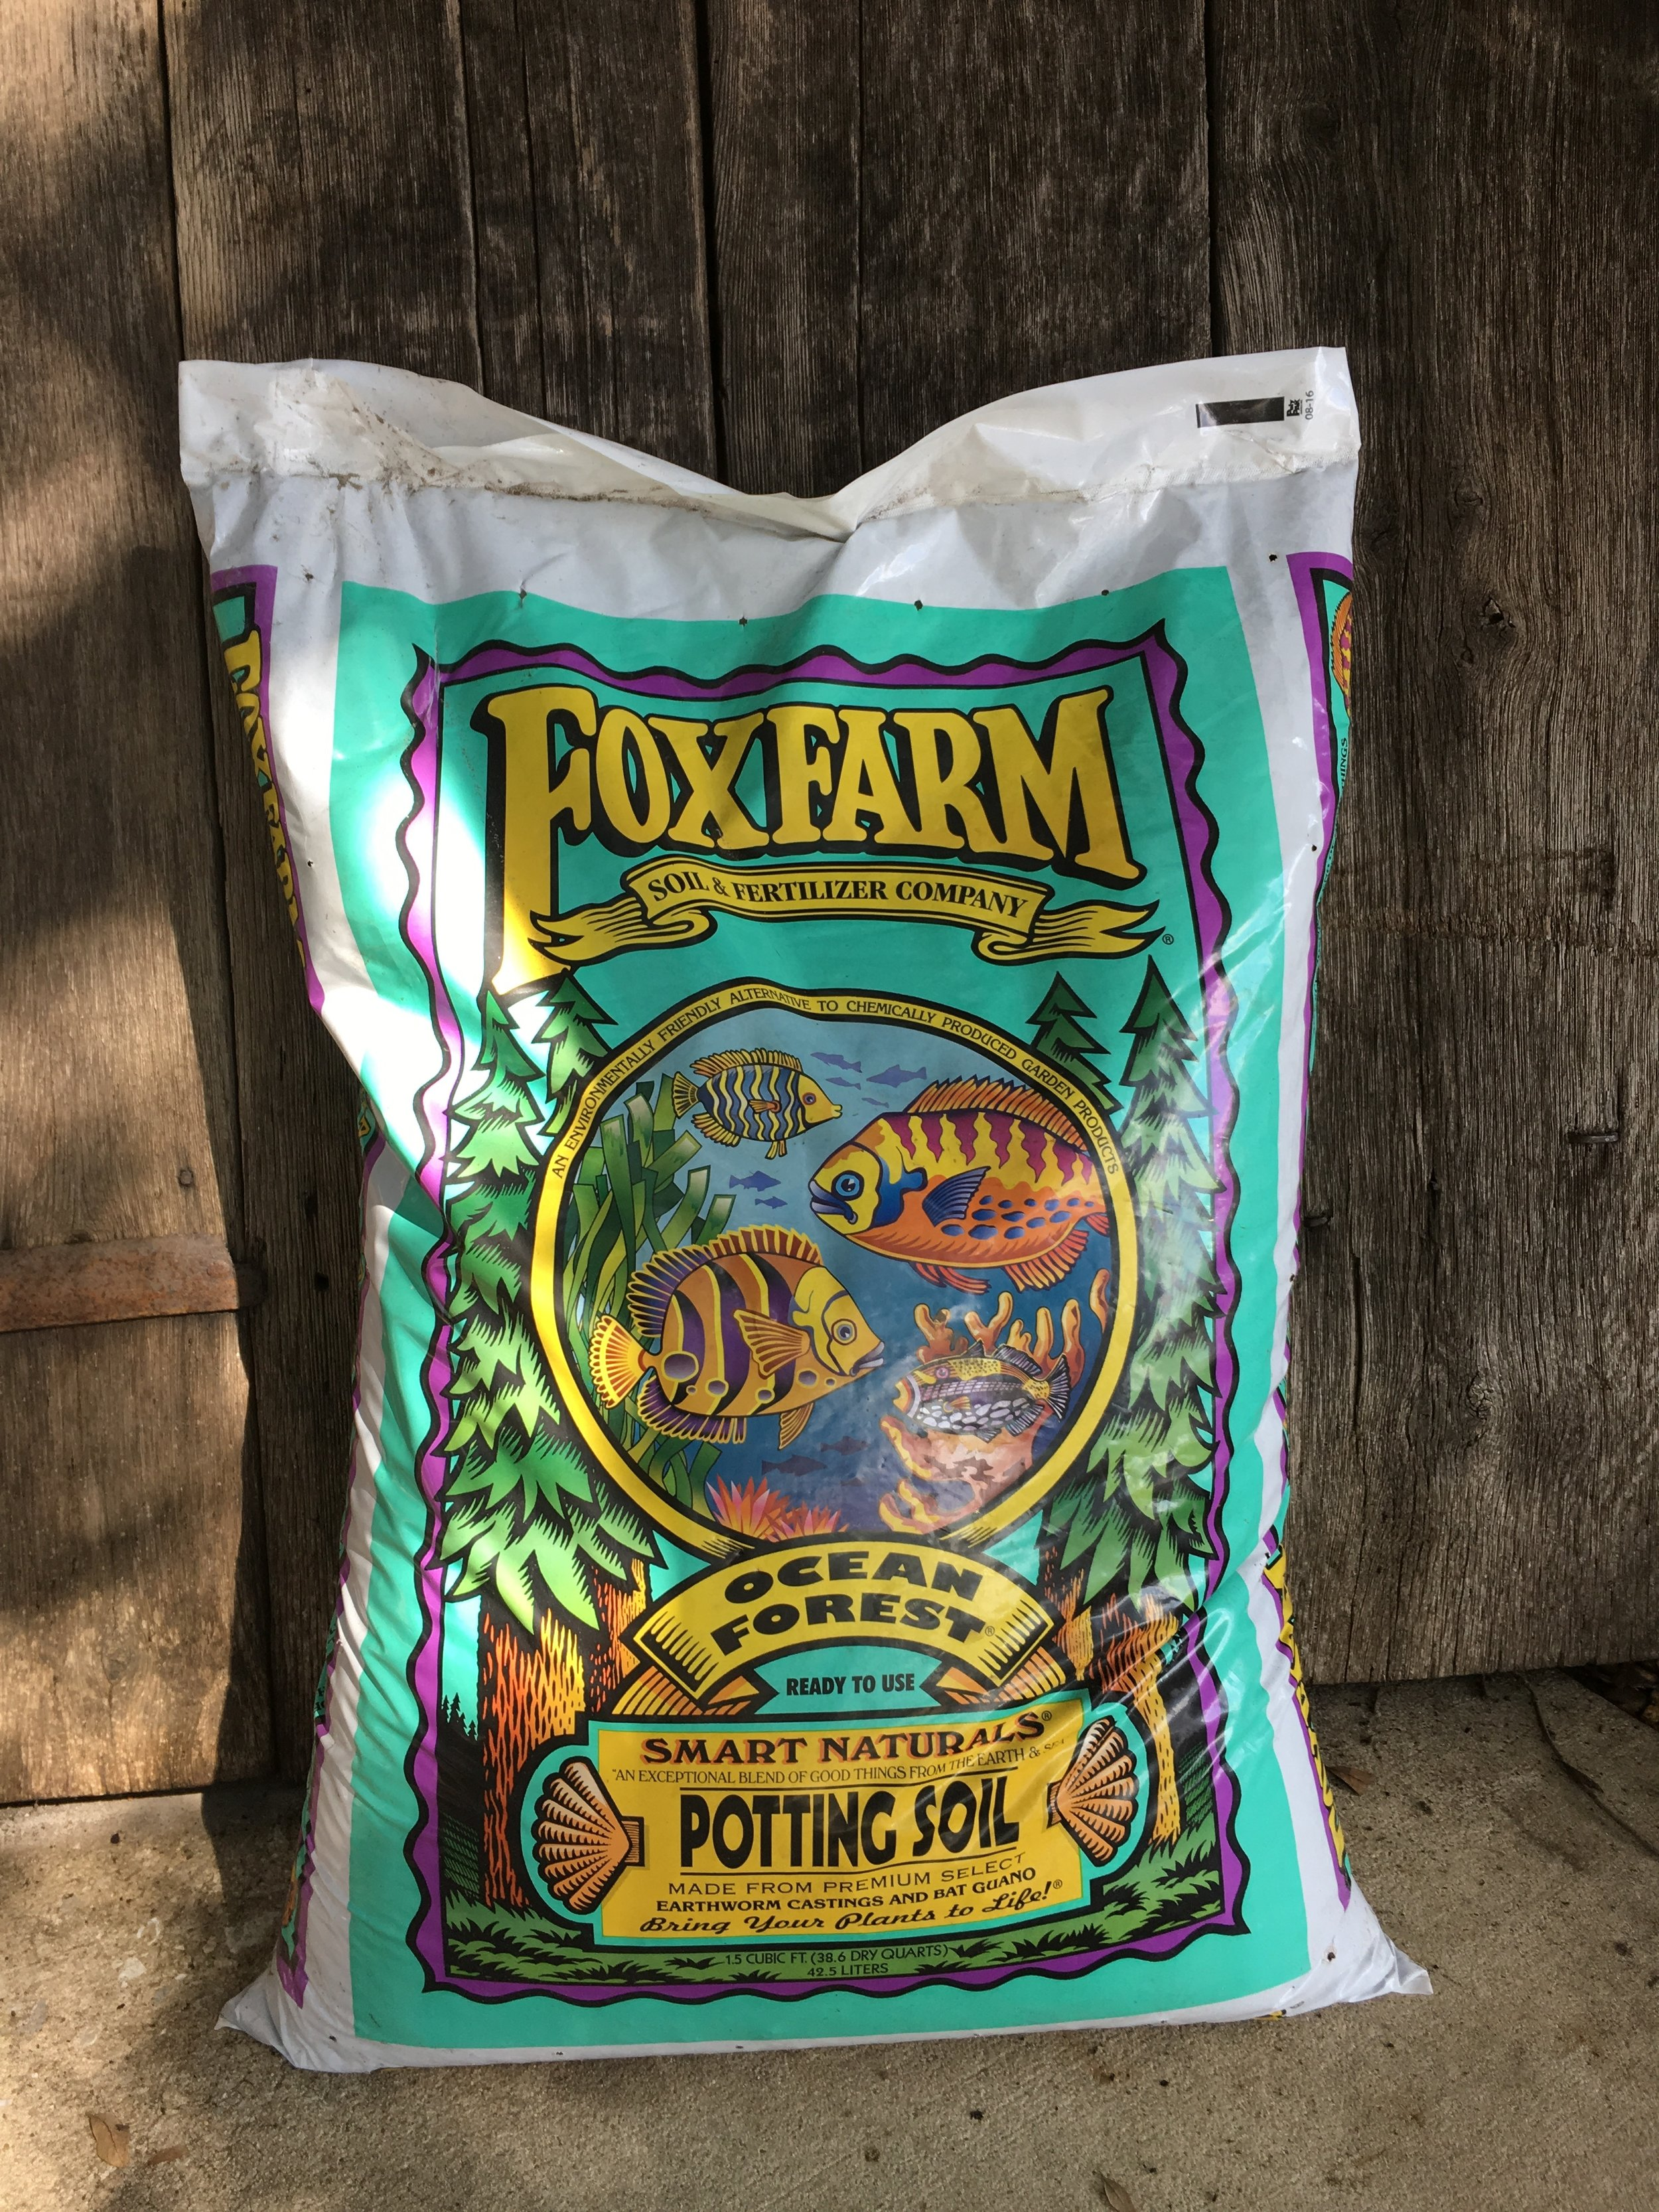 Fox Farm Ocean Forest Potting Soil.jpg